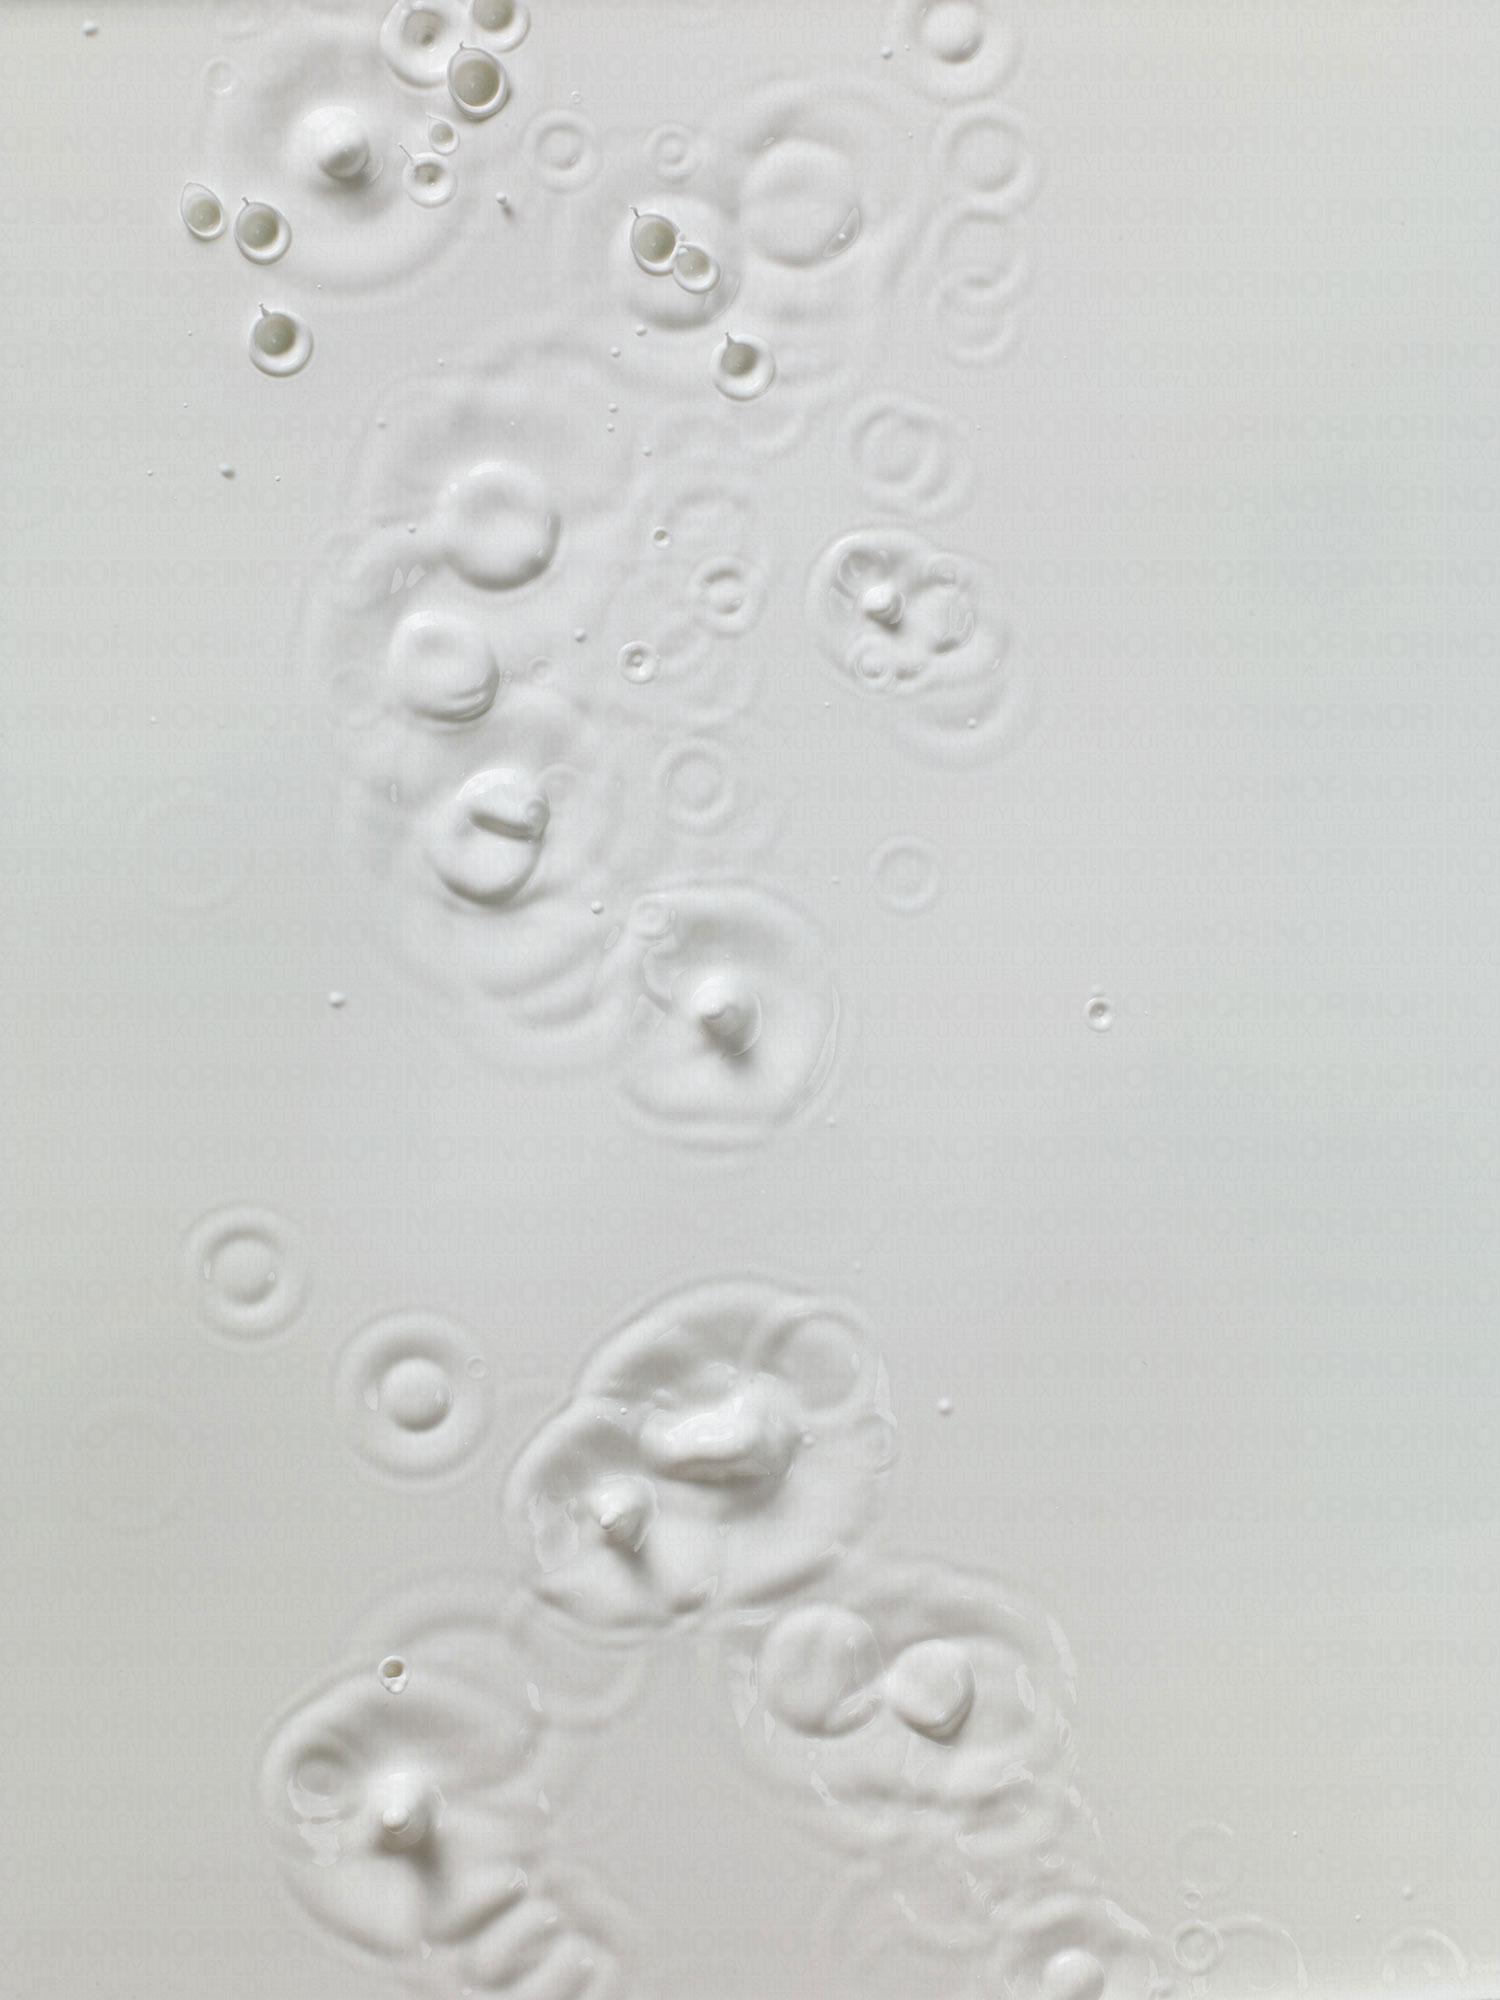 031917_white_splash_overhead155595.jpg